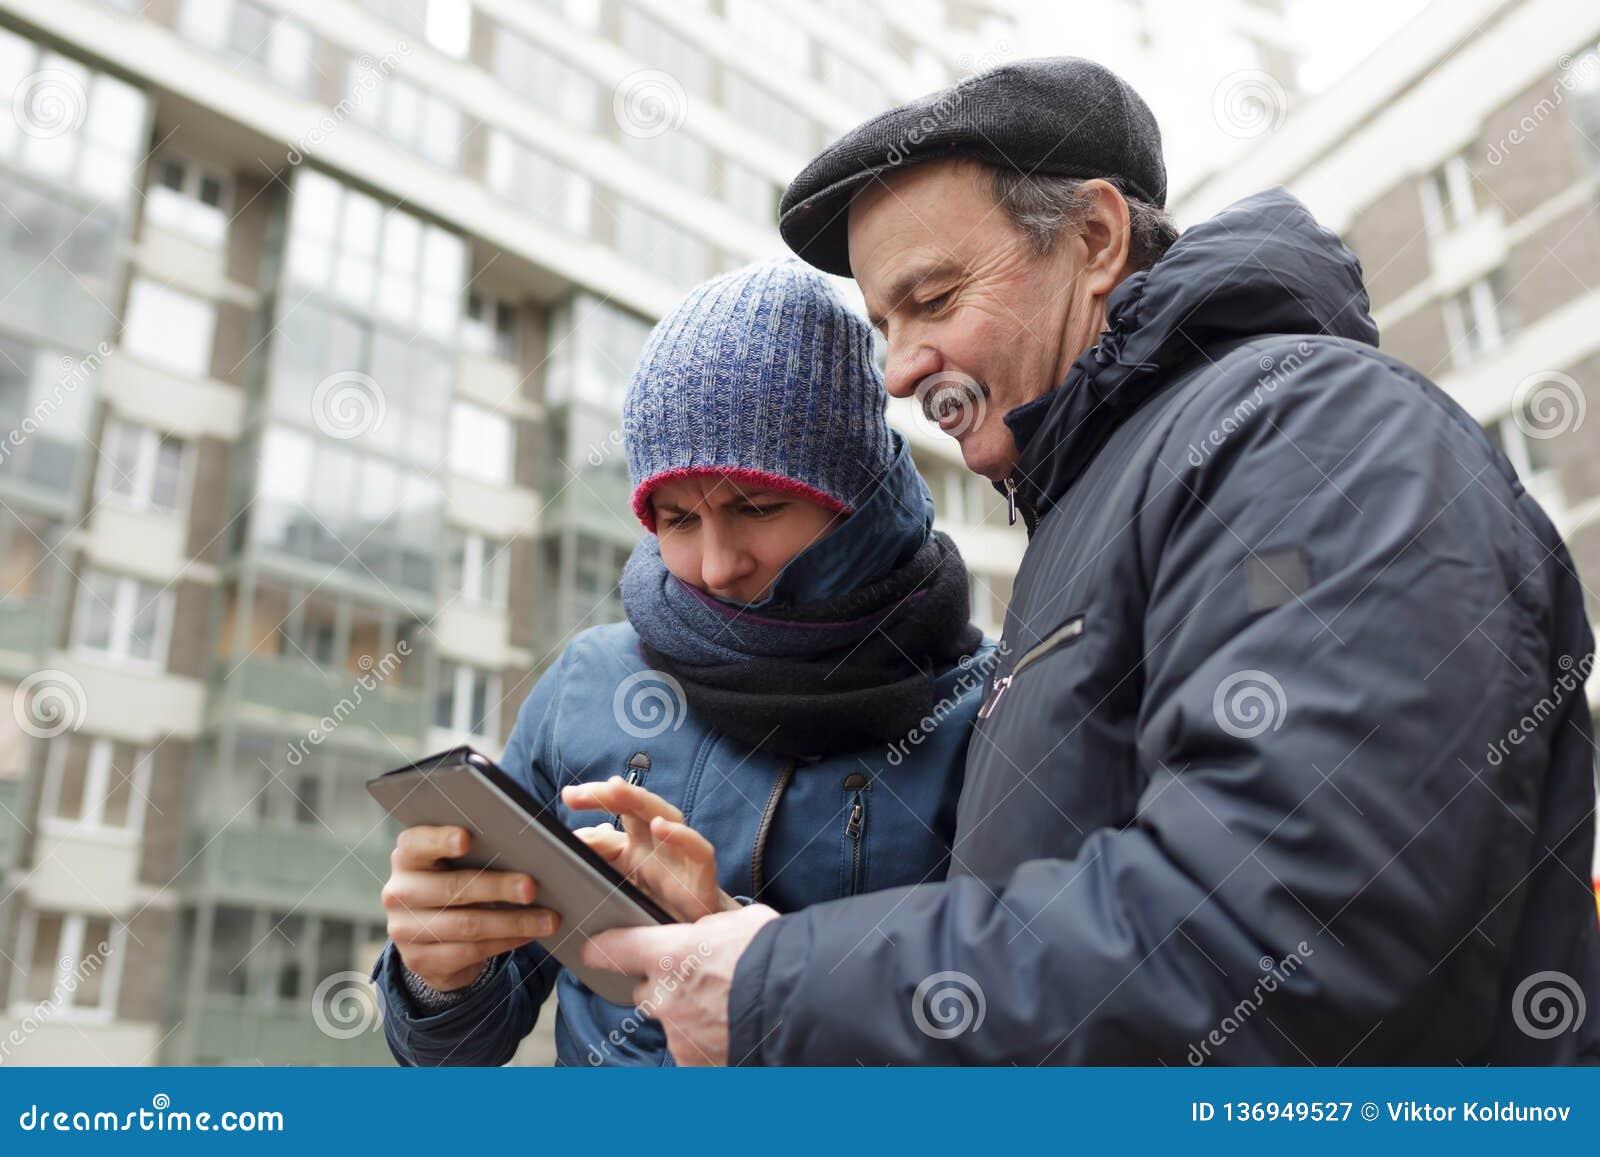 Κορίτσι και ο πατέρας της με μια ταμπλέτα στα χέρια που ψάχνουν το σωστό τρόπο στην πόλη